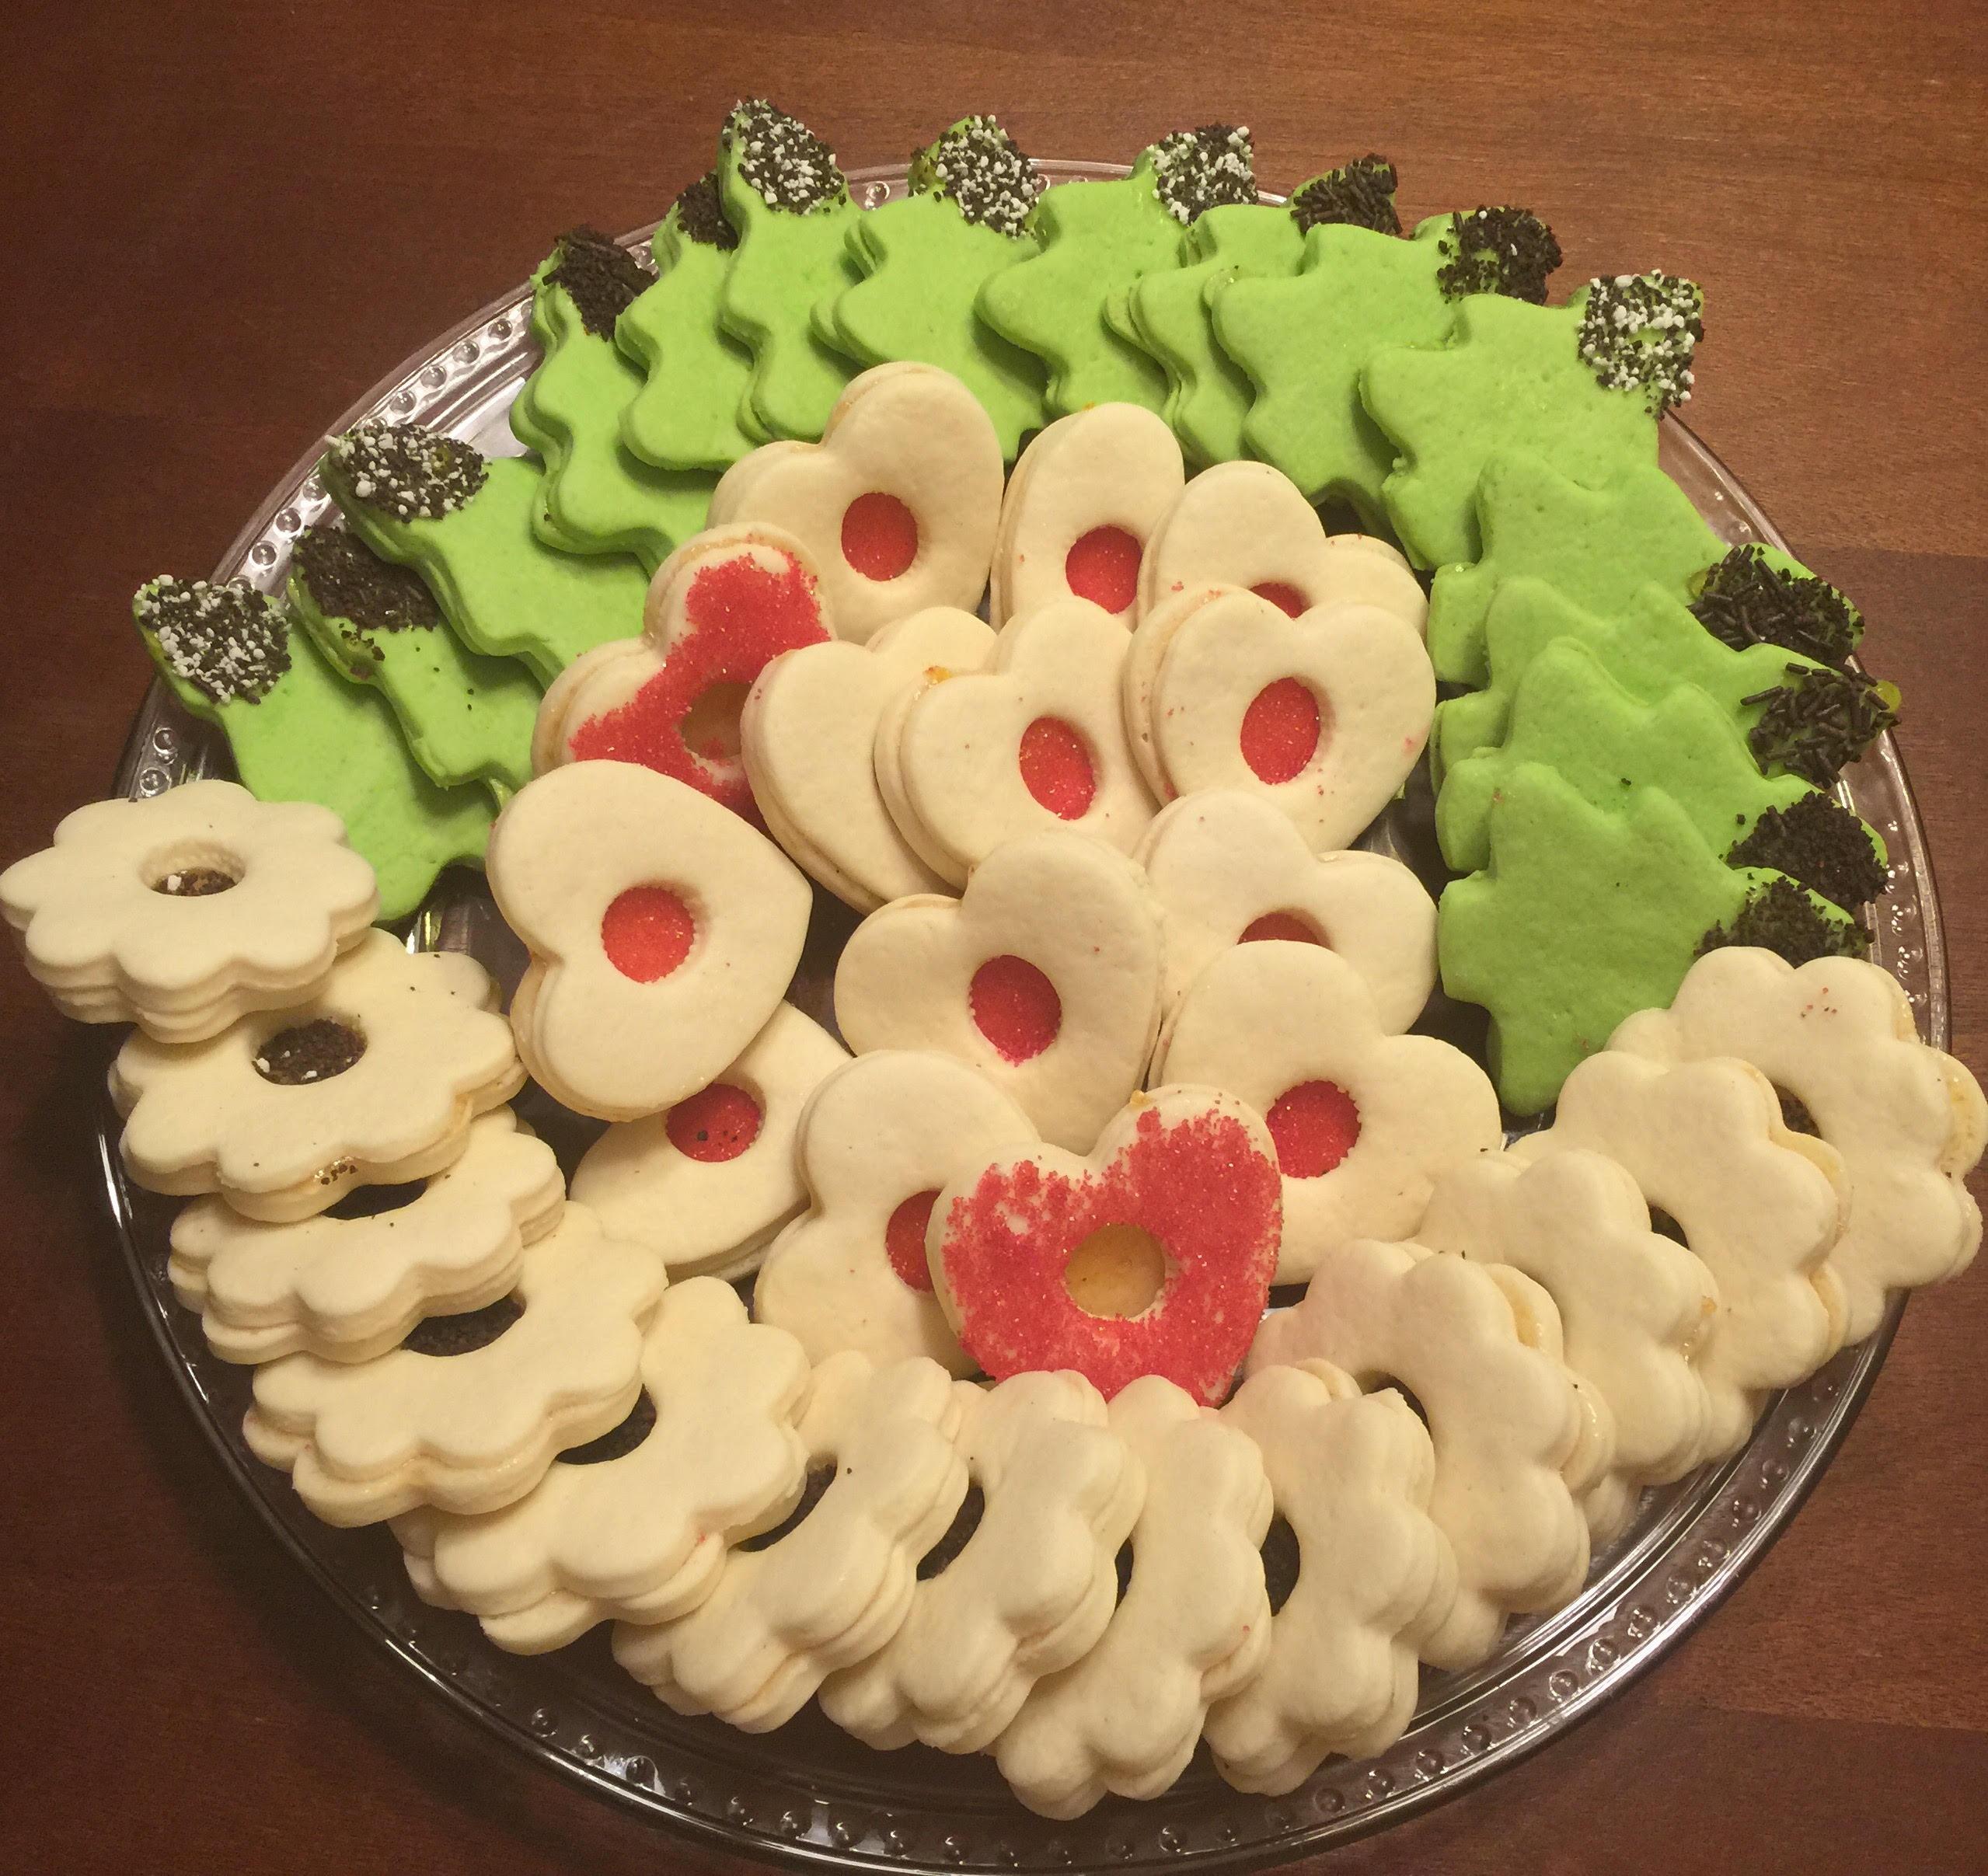 الحلويات بيتيفور النشا